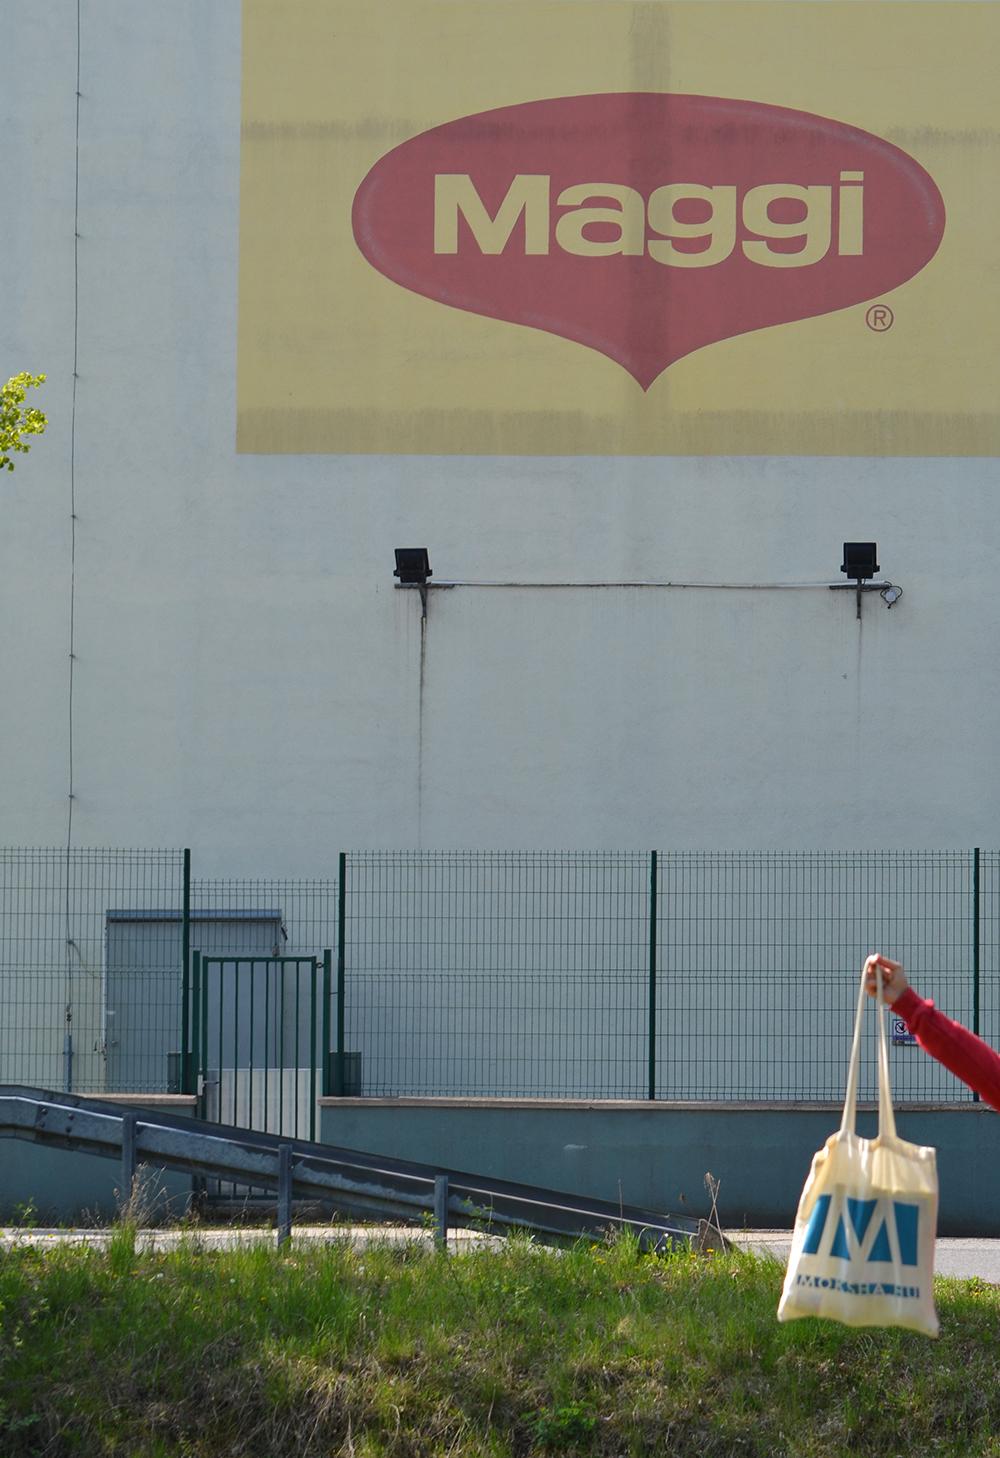 Világjáró moksha-táska a Maggi gyárban - Prievidza/Fotó: Myreille